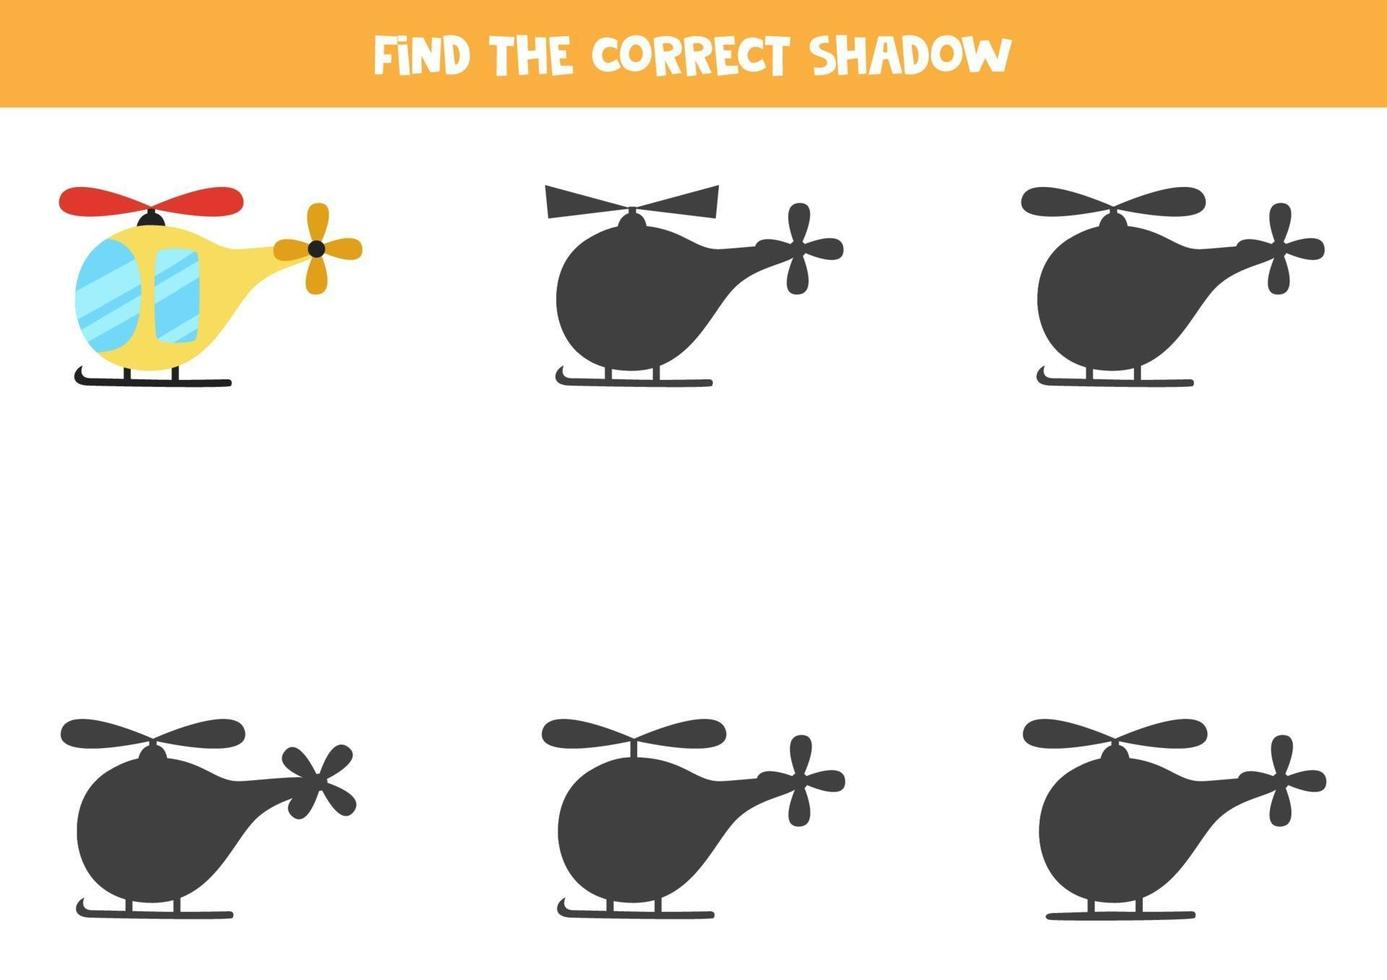 vind de juiste schaduw van de helikopter. logische puzzel voor kinderen. vector